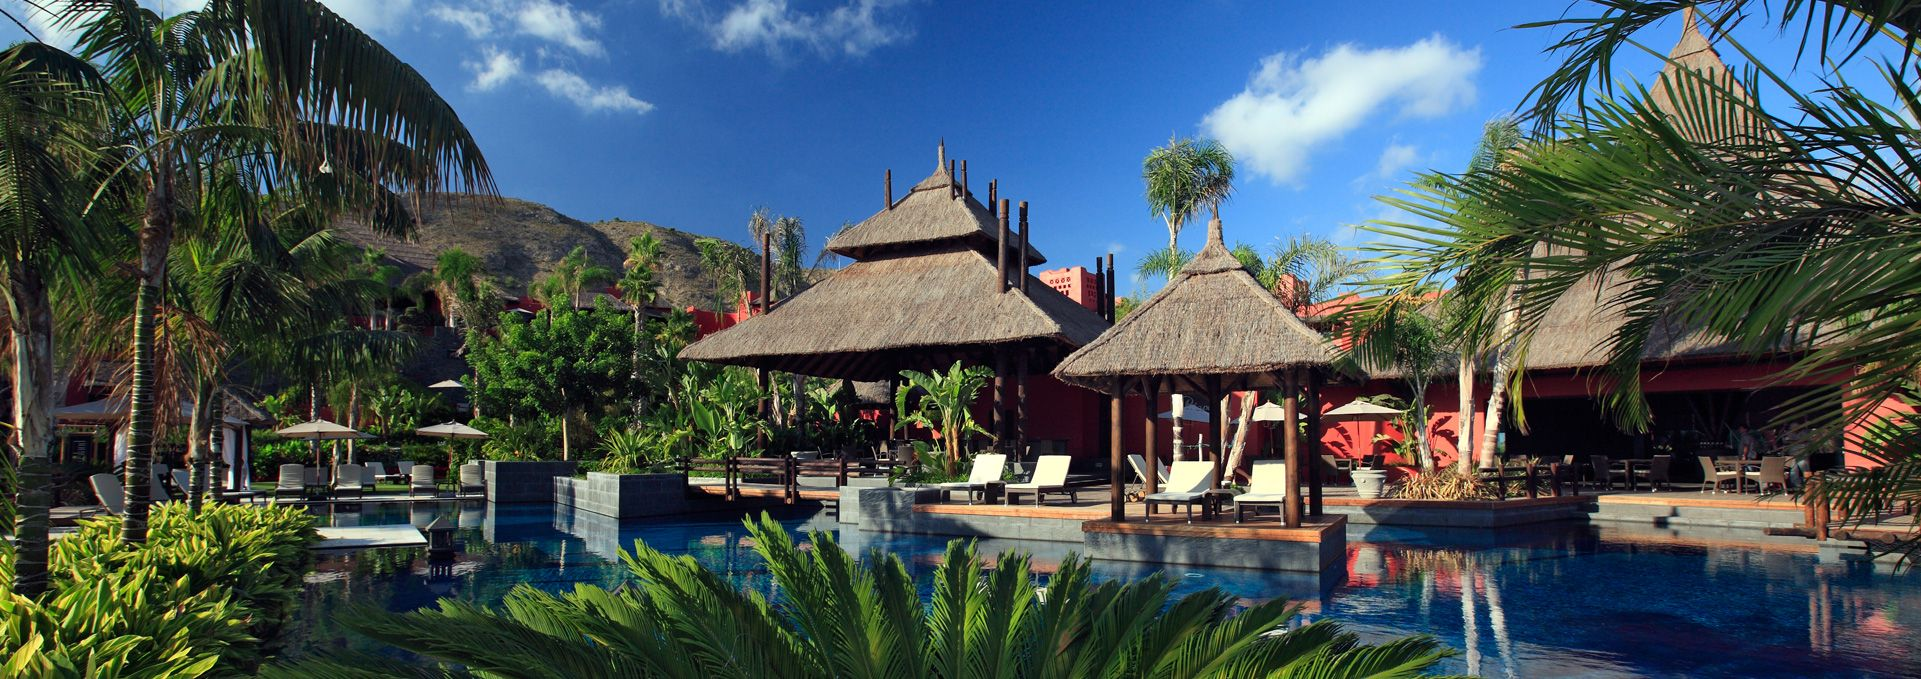 20120201190650 97 hoteles originales hoteis pelo mundo for Hoteles originales cataluna